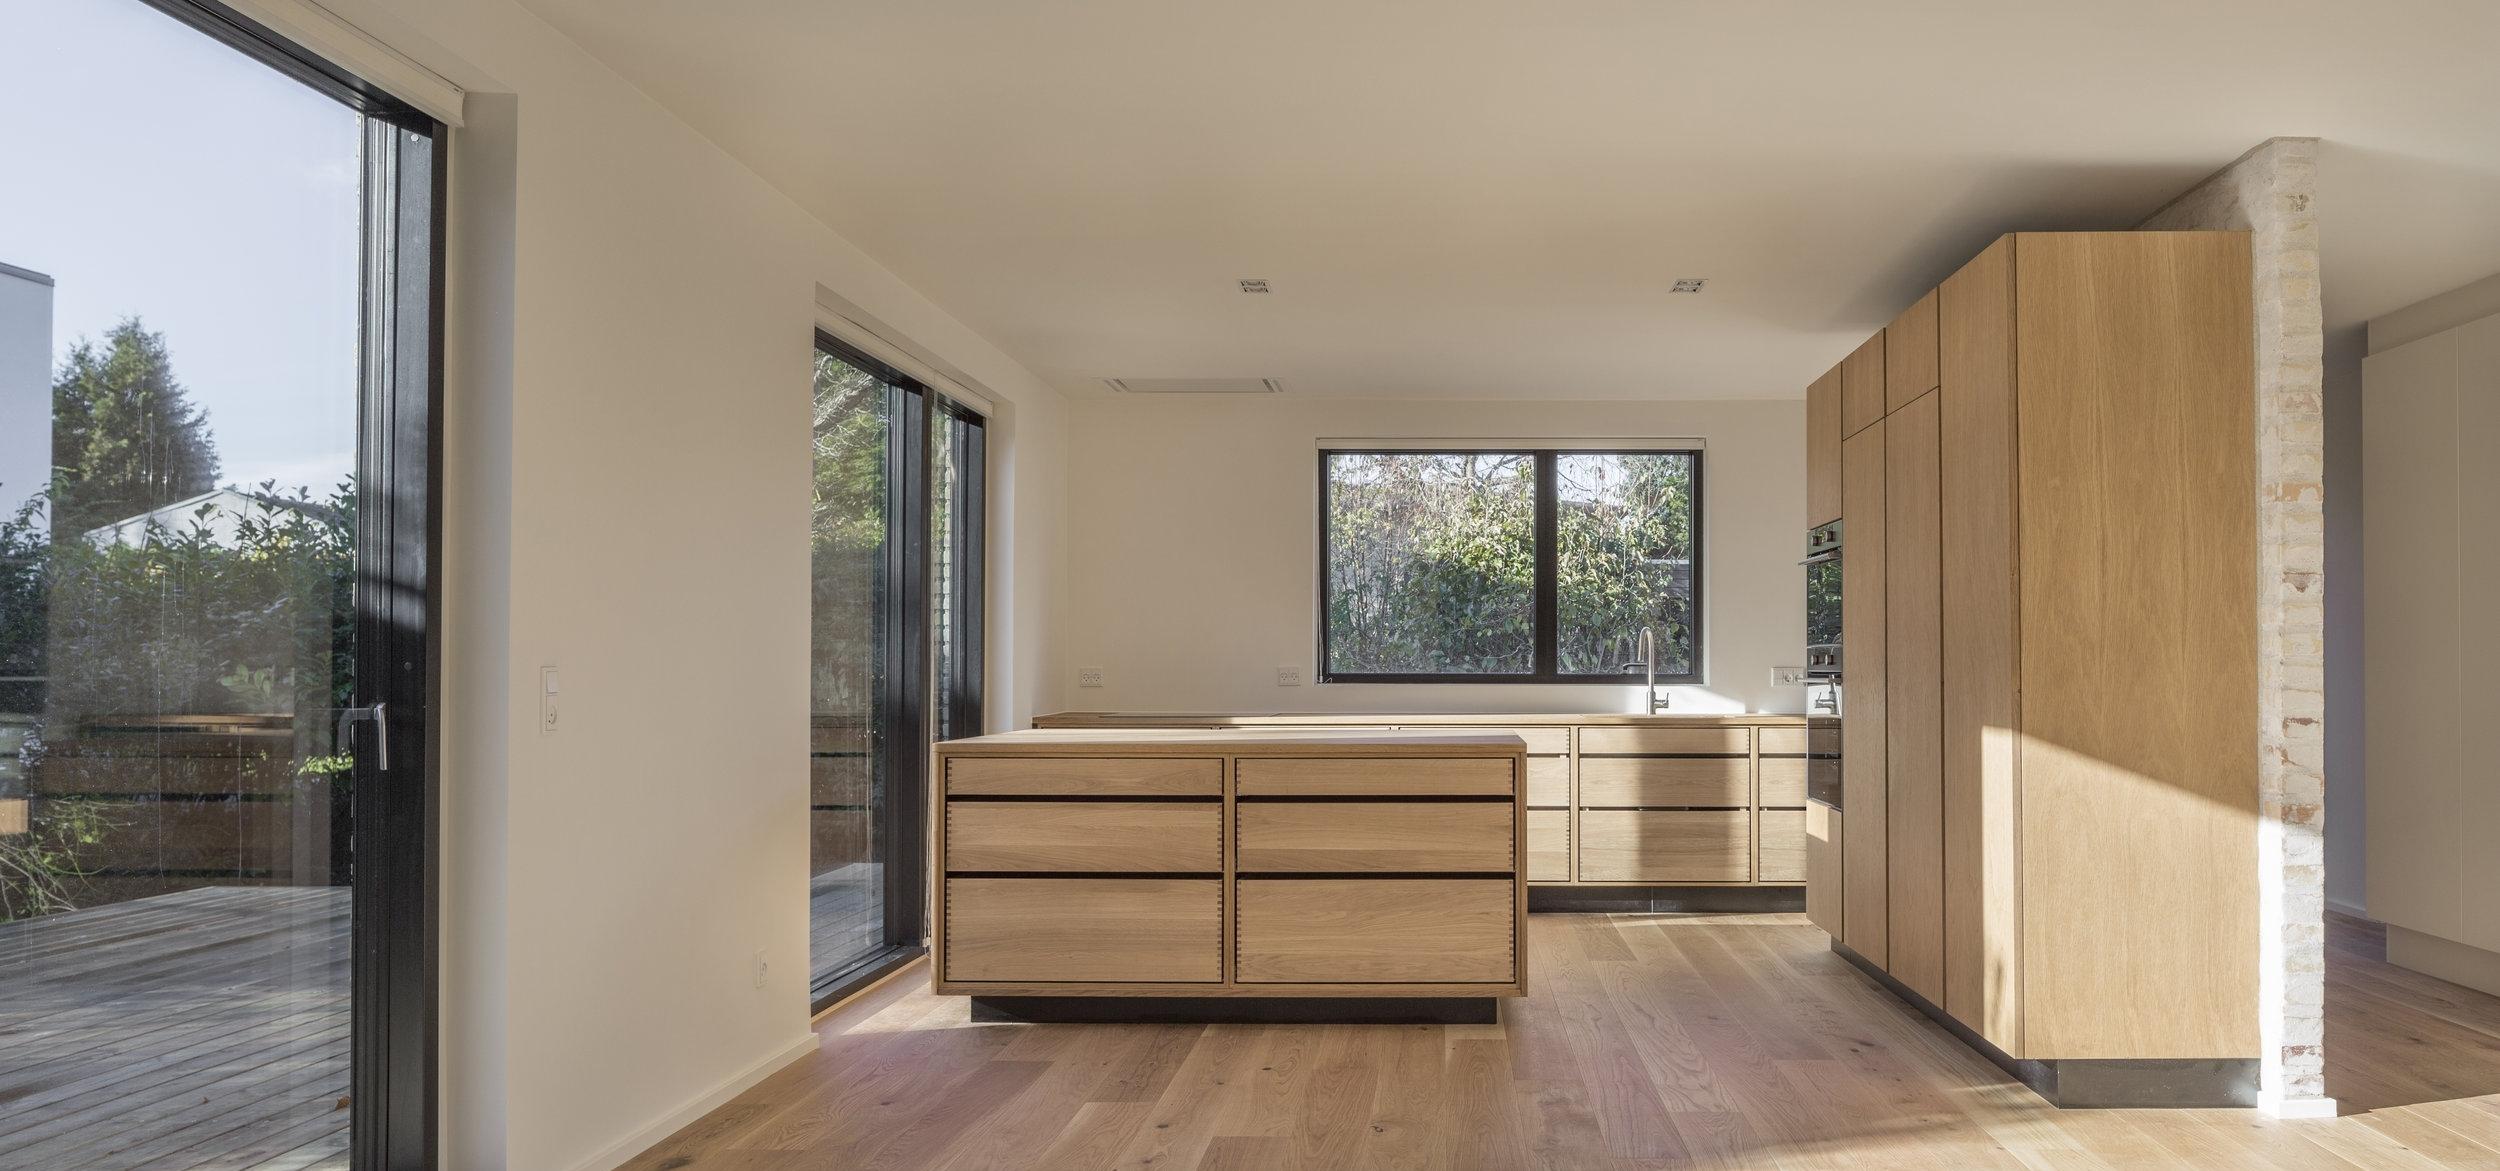 Interior Kitchen 1a.jpg